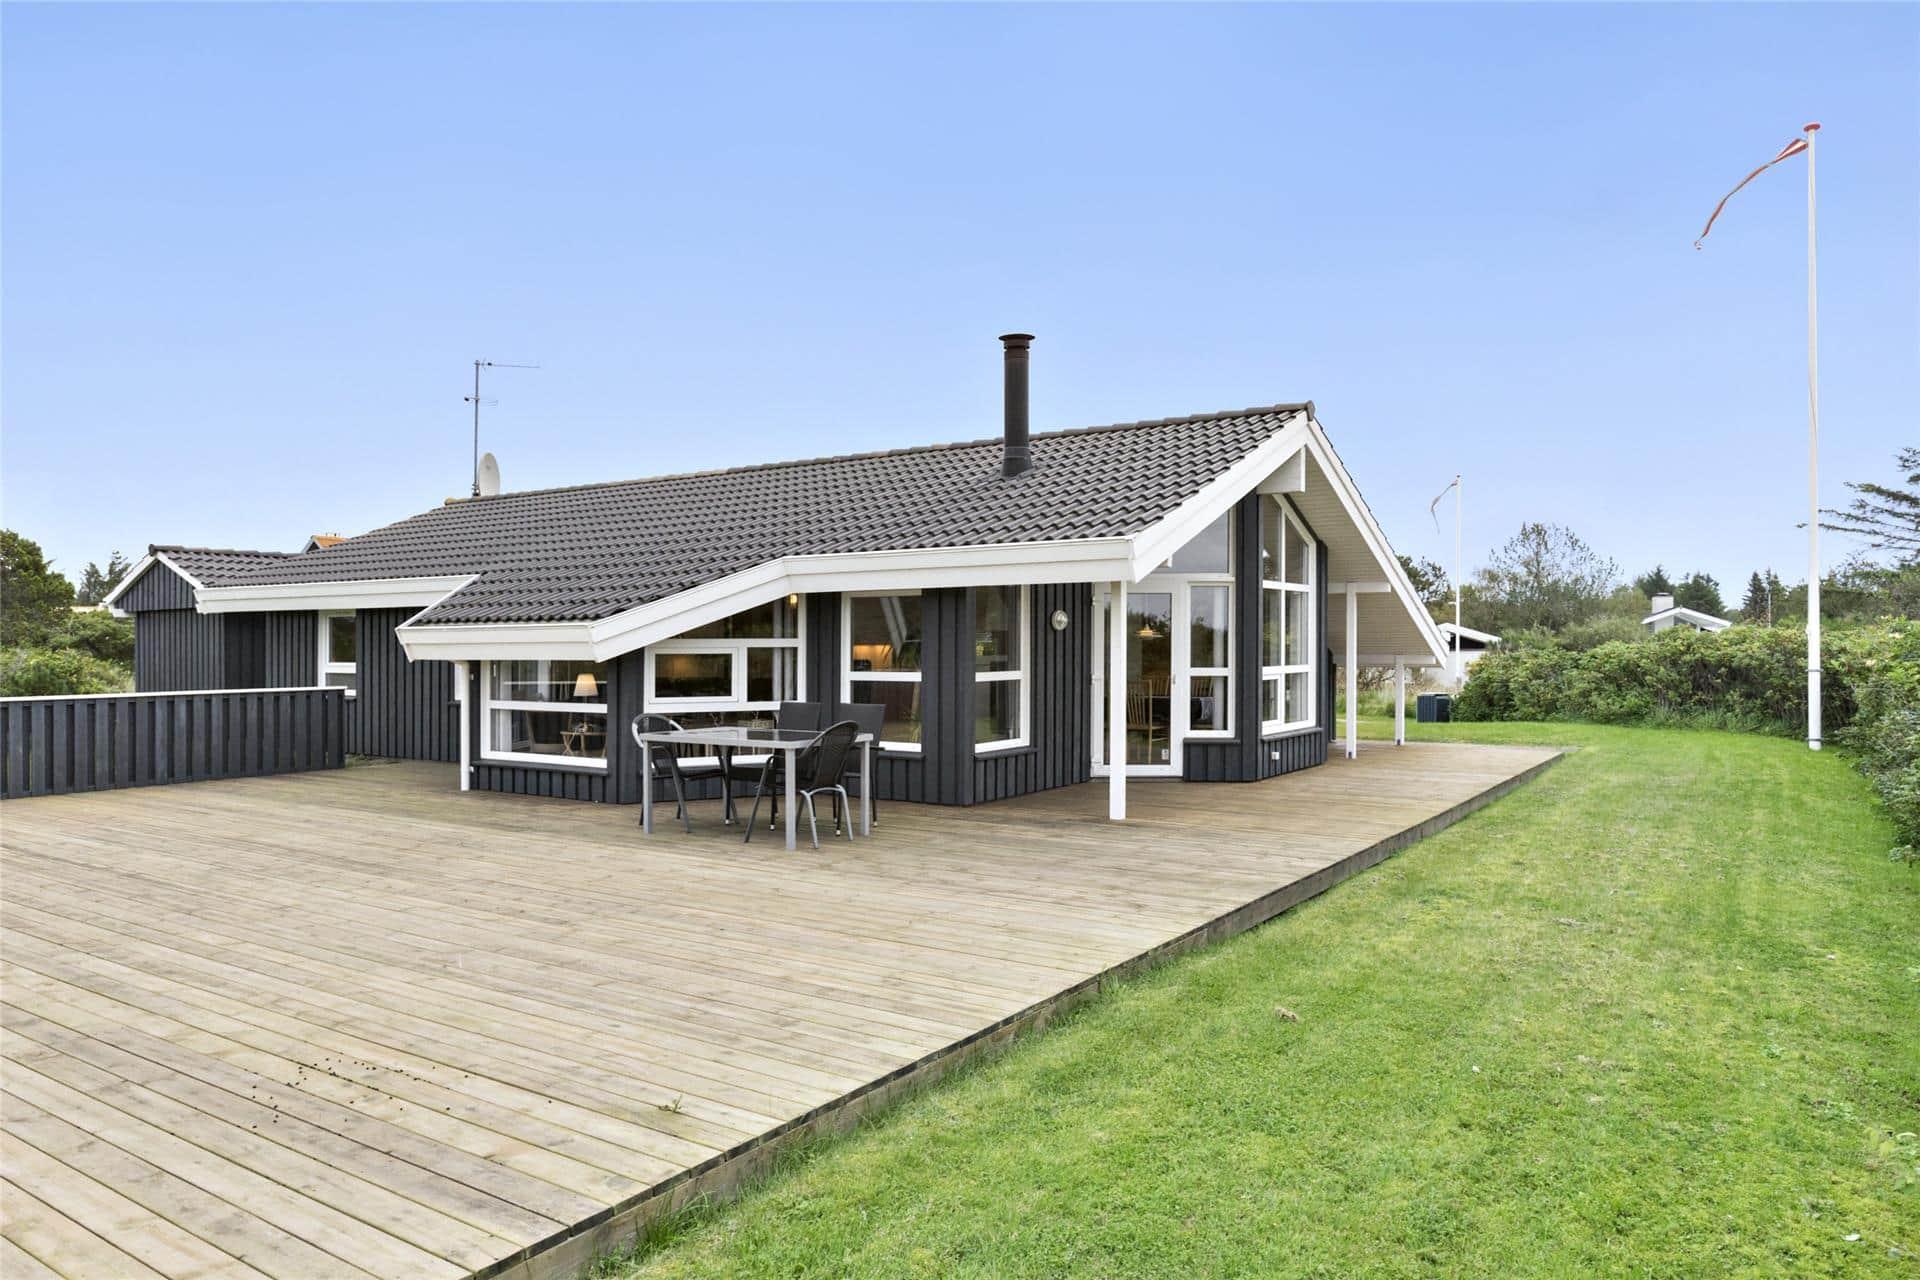 Bild 1-176 Ferienhaus BL314, Bakkevænget 5, DK - 9492 Blokhus